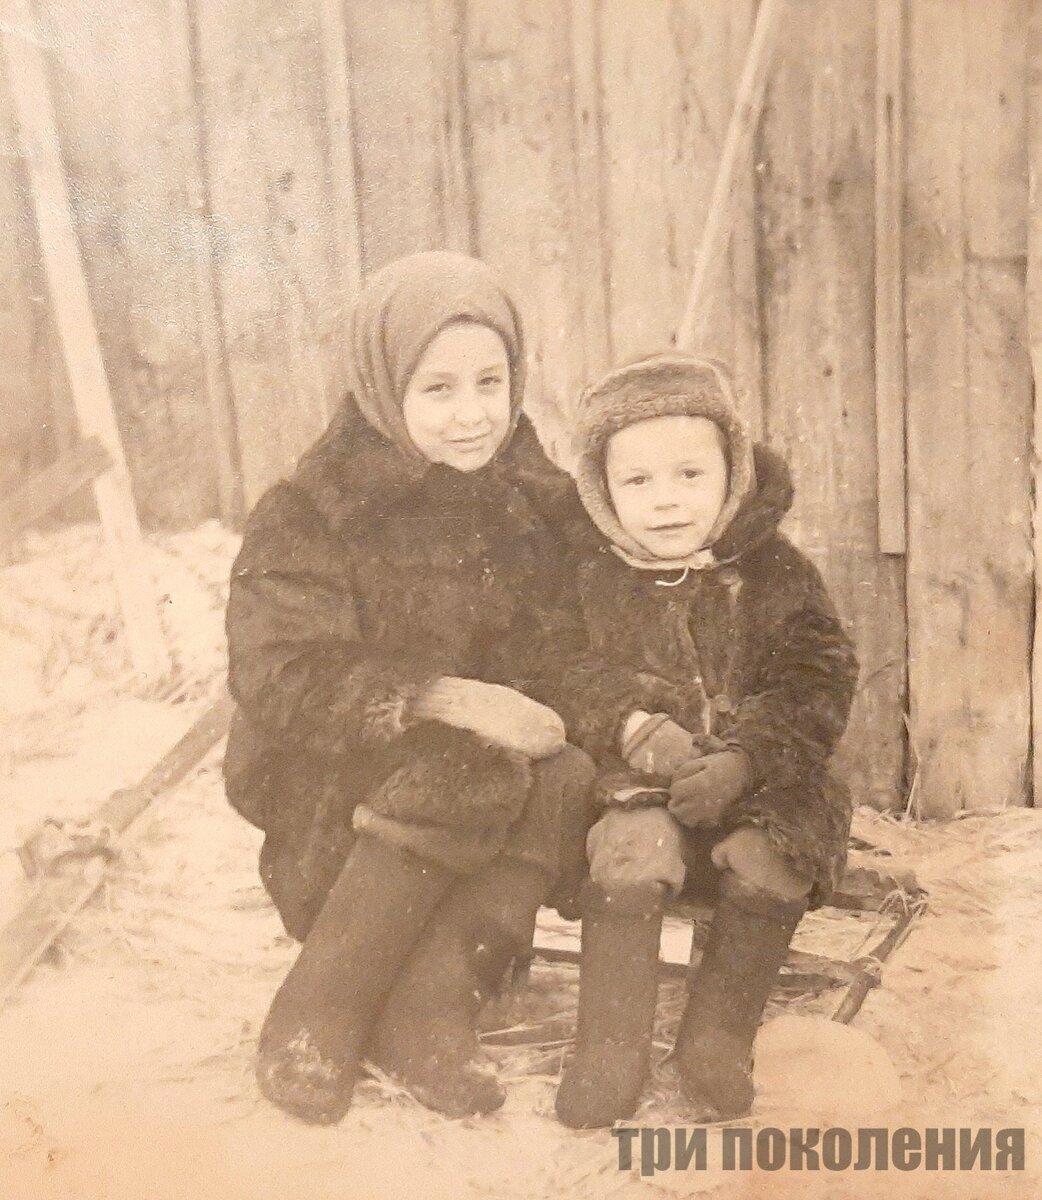 Фото из личного архива. Я и мой двоюродный брат.